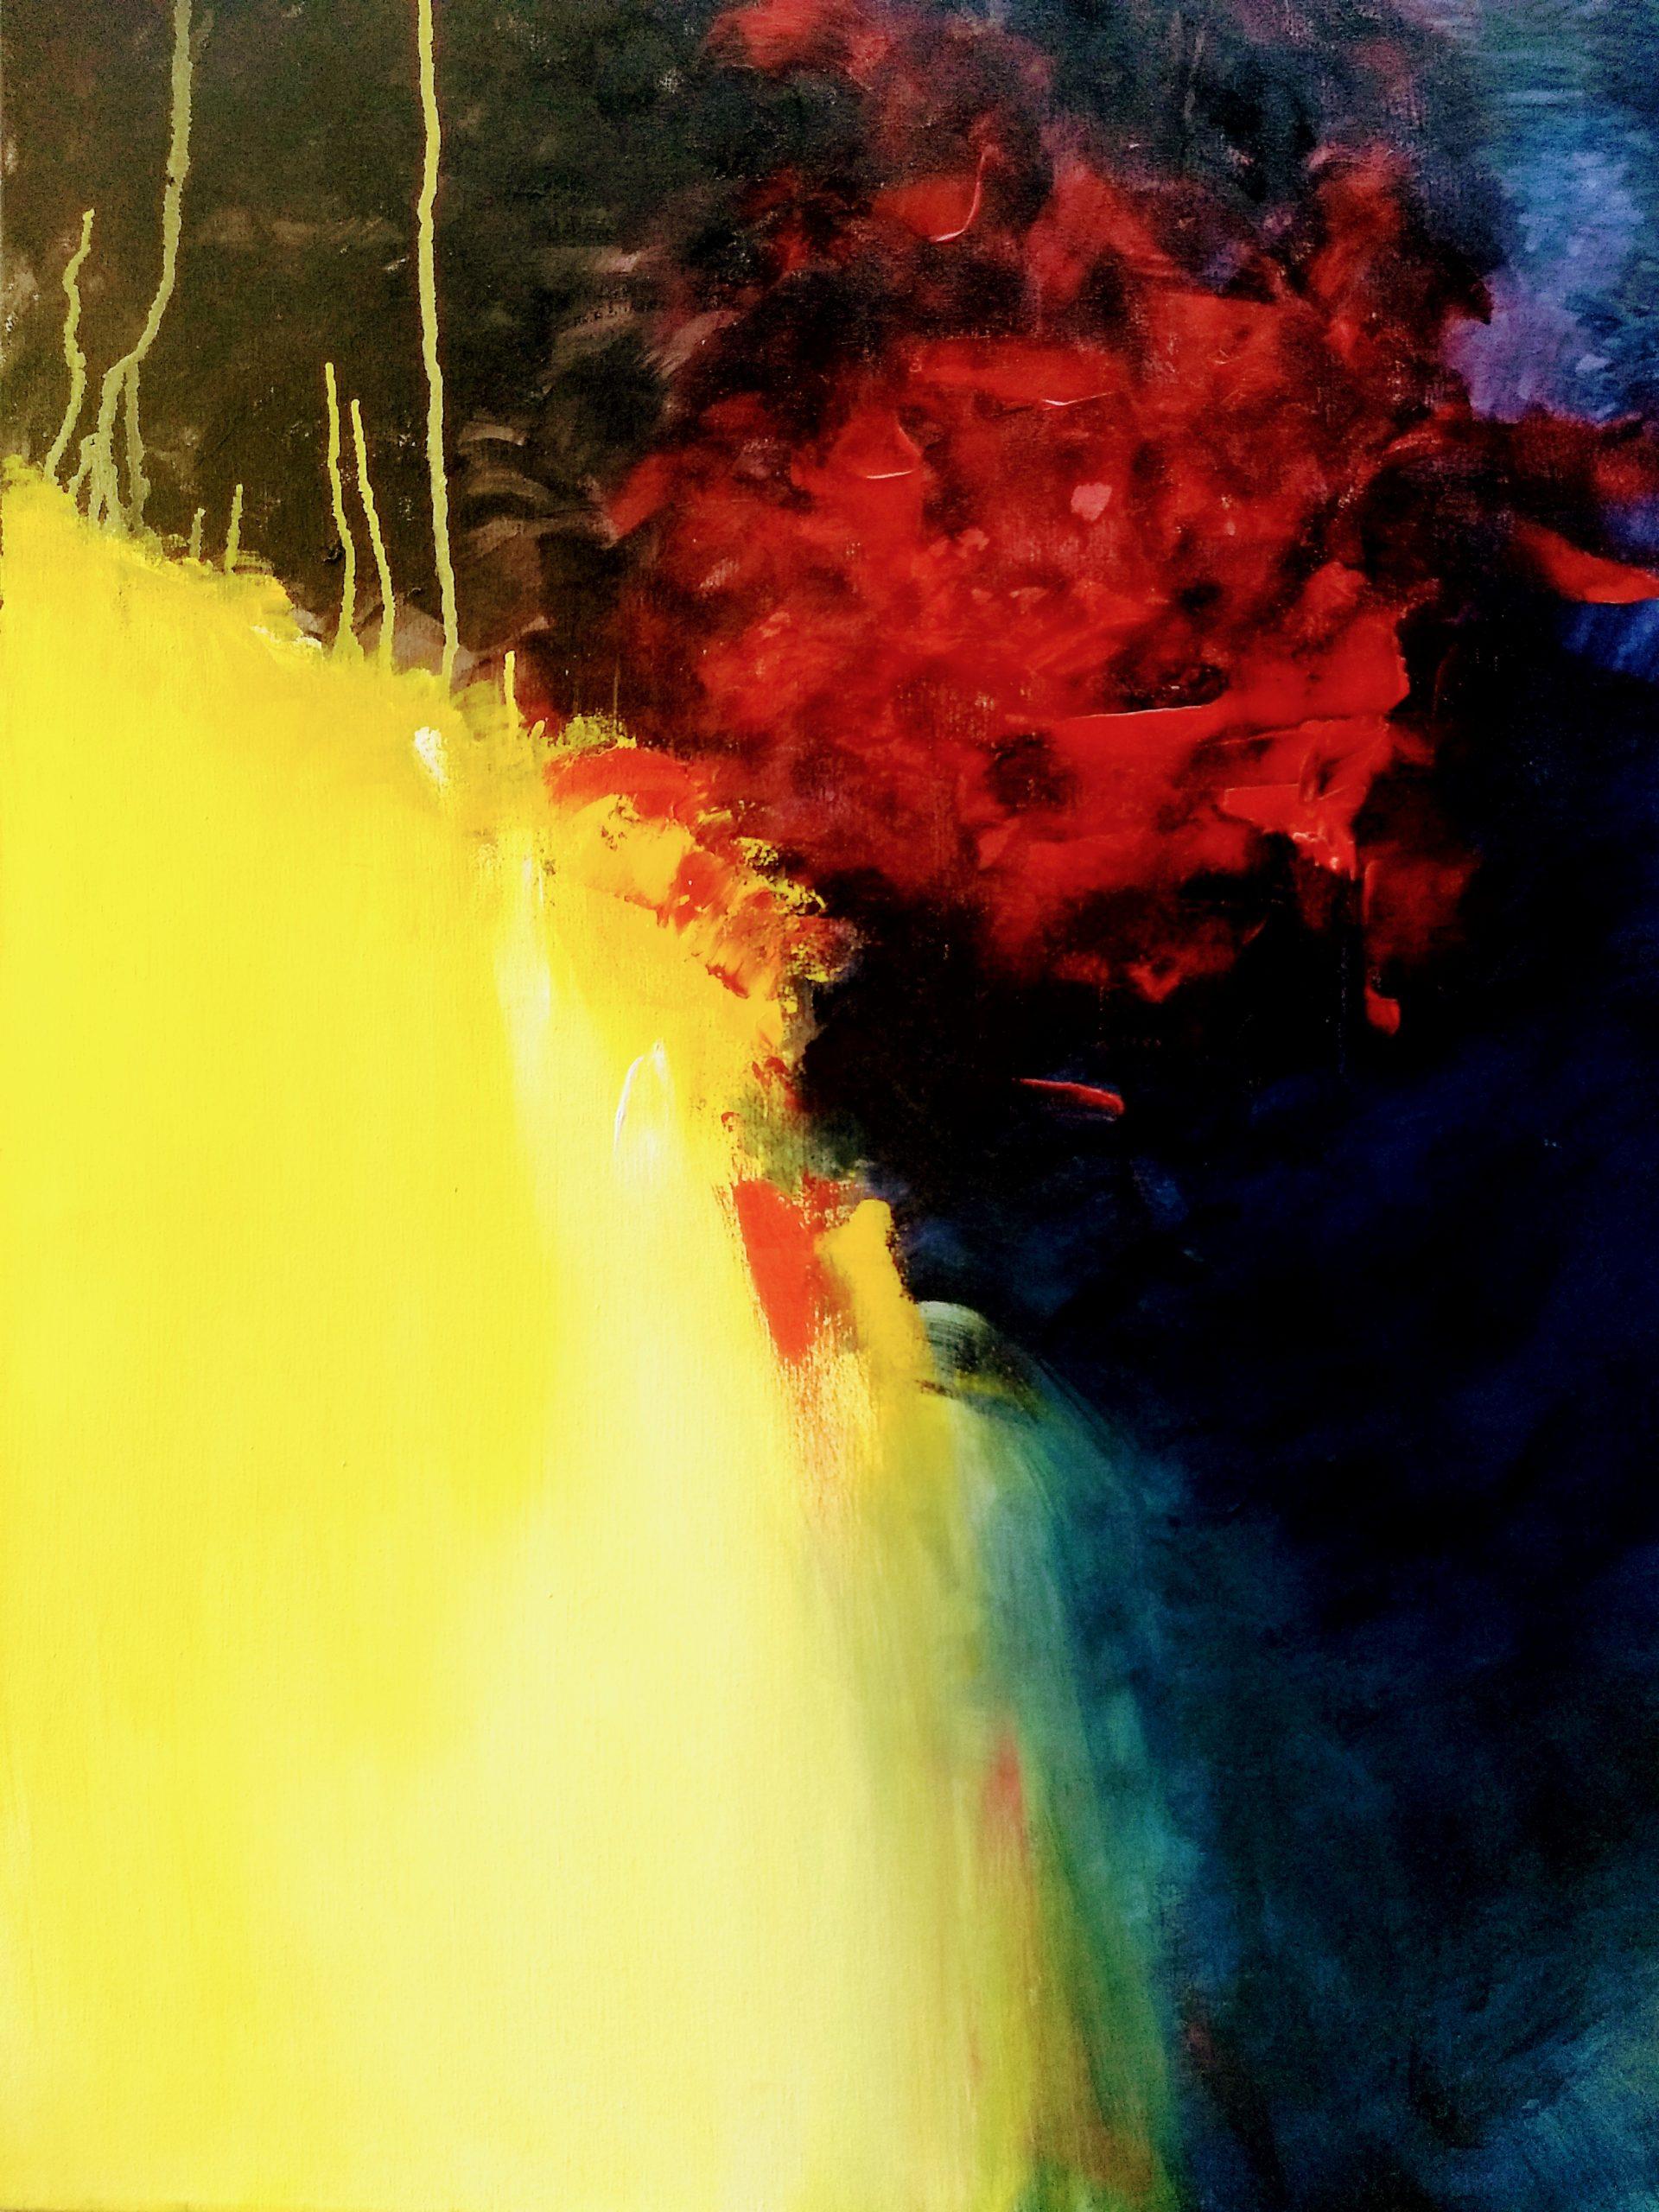 Silvia Portaluppi   Serie Abstractos. Universo. Acrílico 60 x 80 cm.